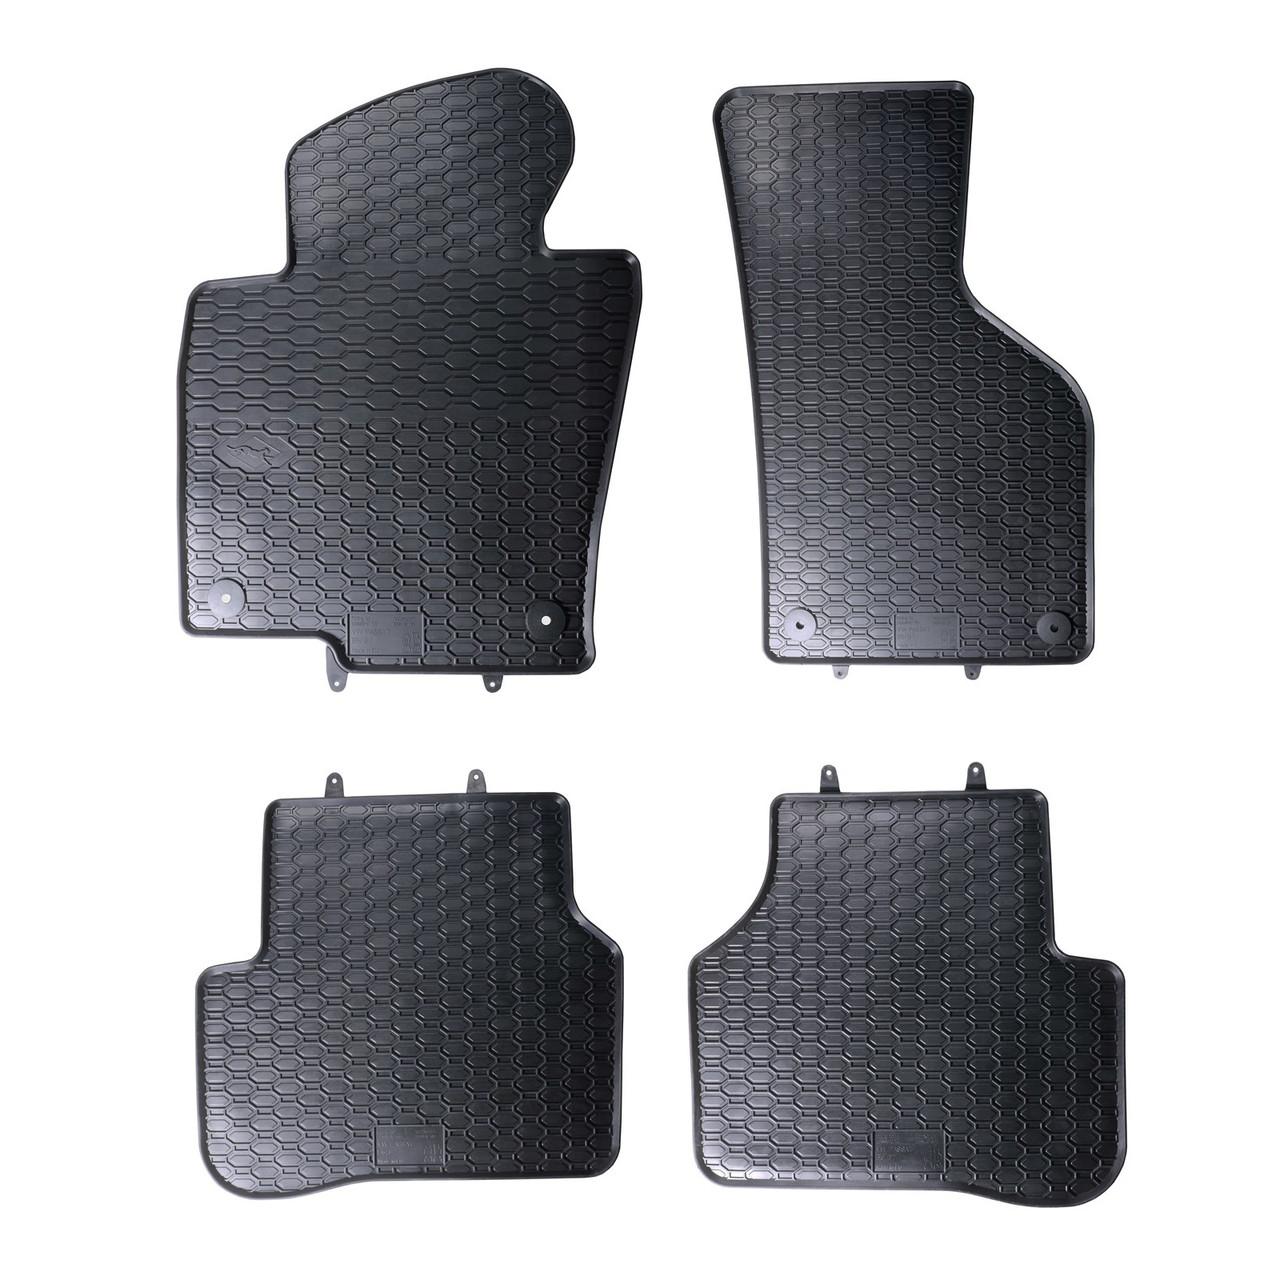 Килимки в салон для Volkswagen Passat B6 (05-10) / B7 (10-) / Passat CC (08-11) (4шт) 807/4C